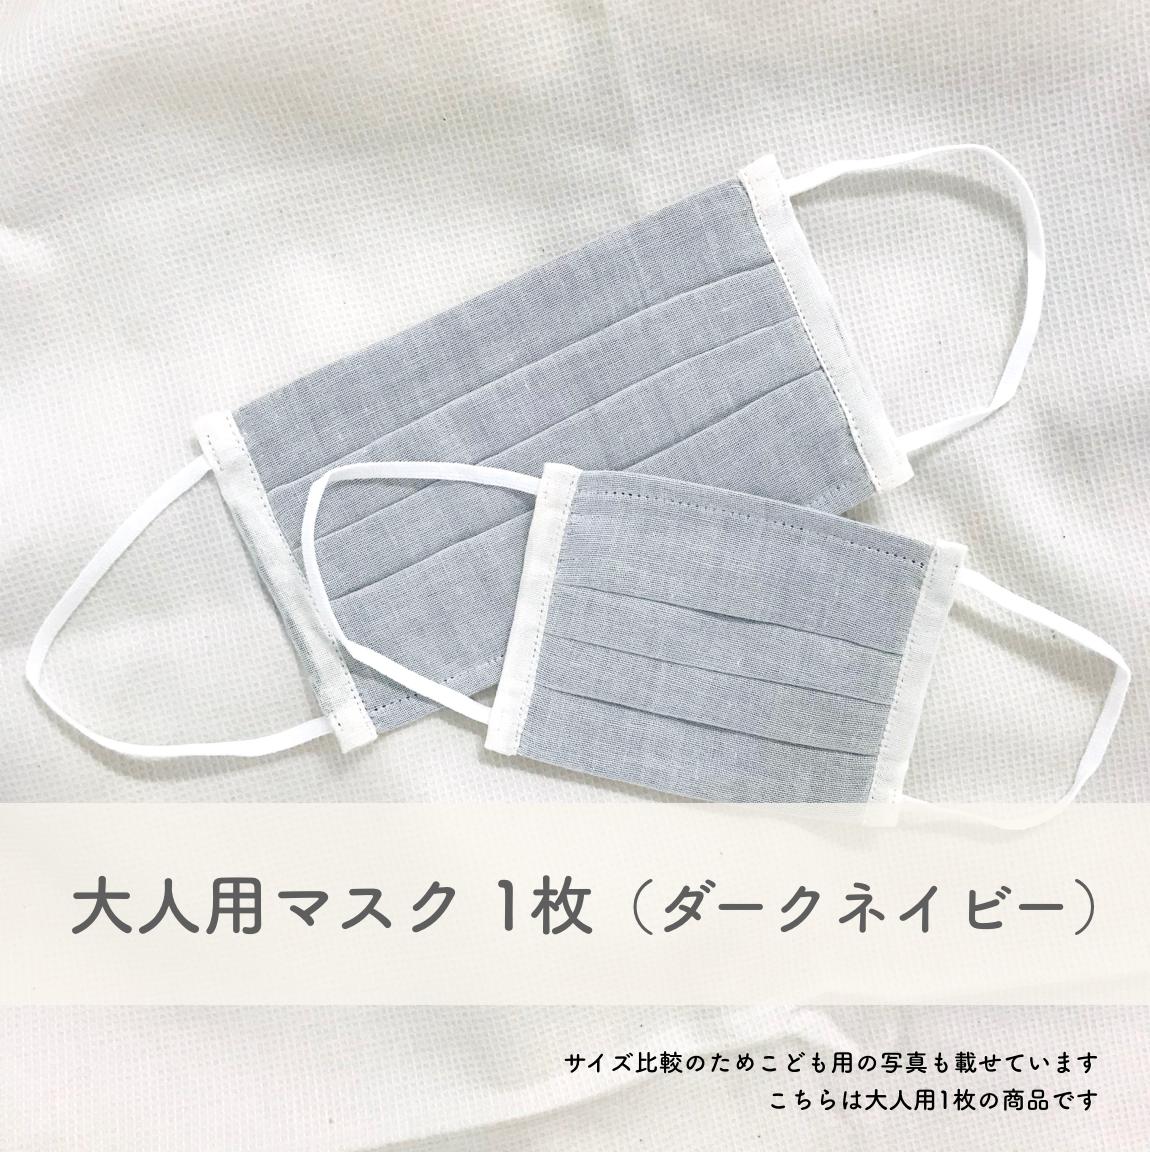 【送料無料】LUCYオリジナルオーガニックコットンマスク(ダークネイビー)